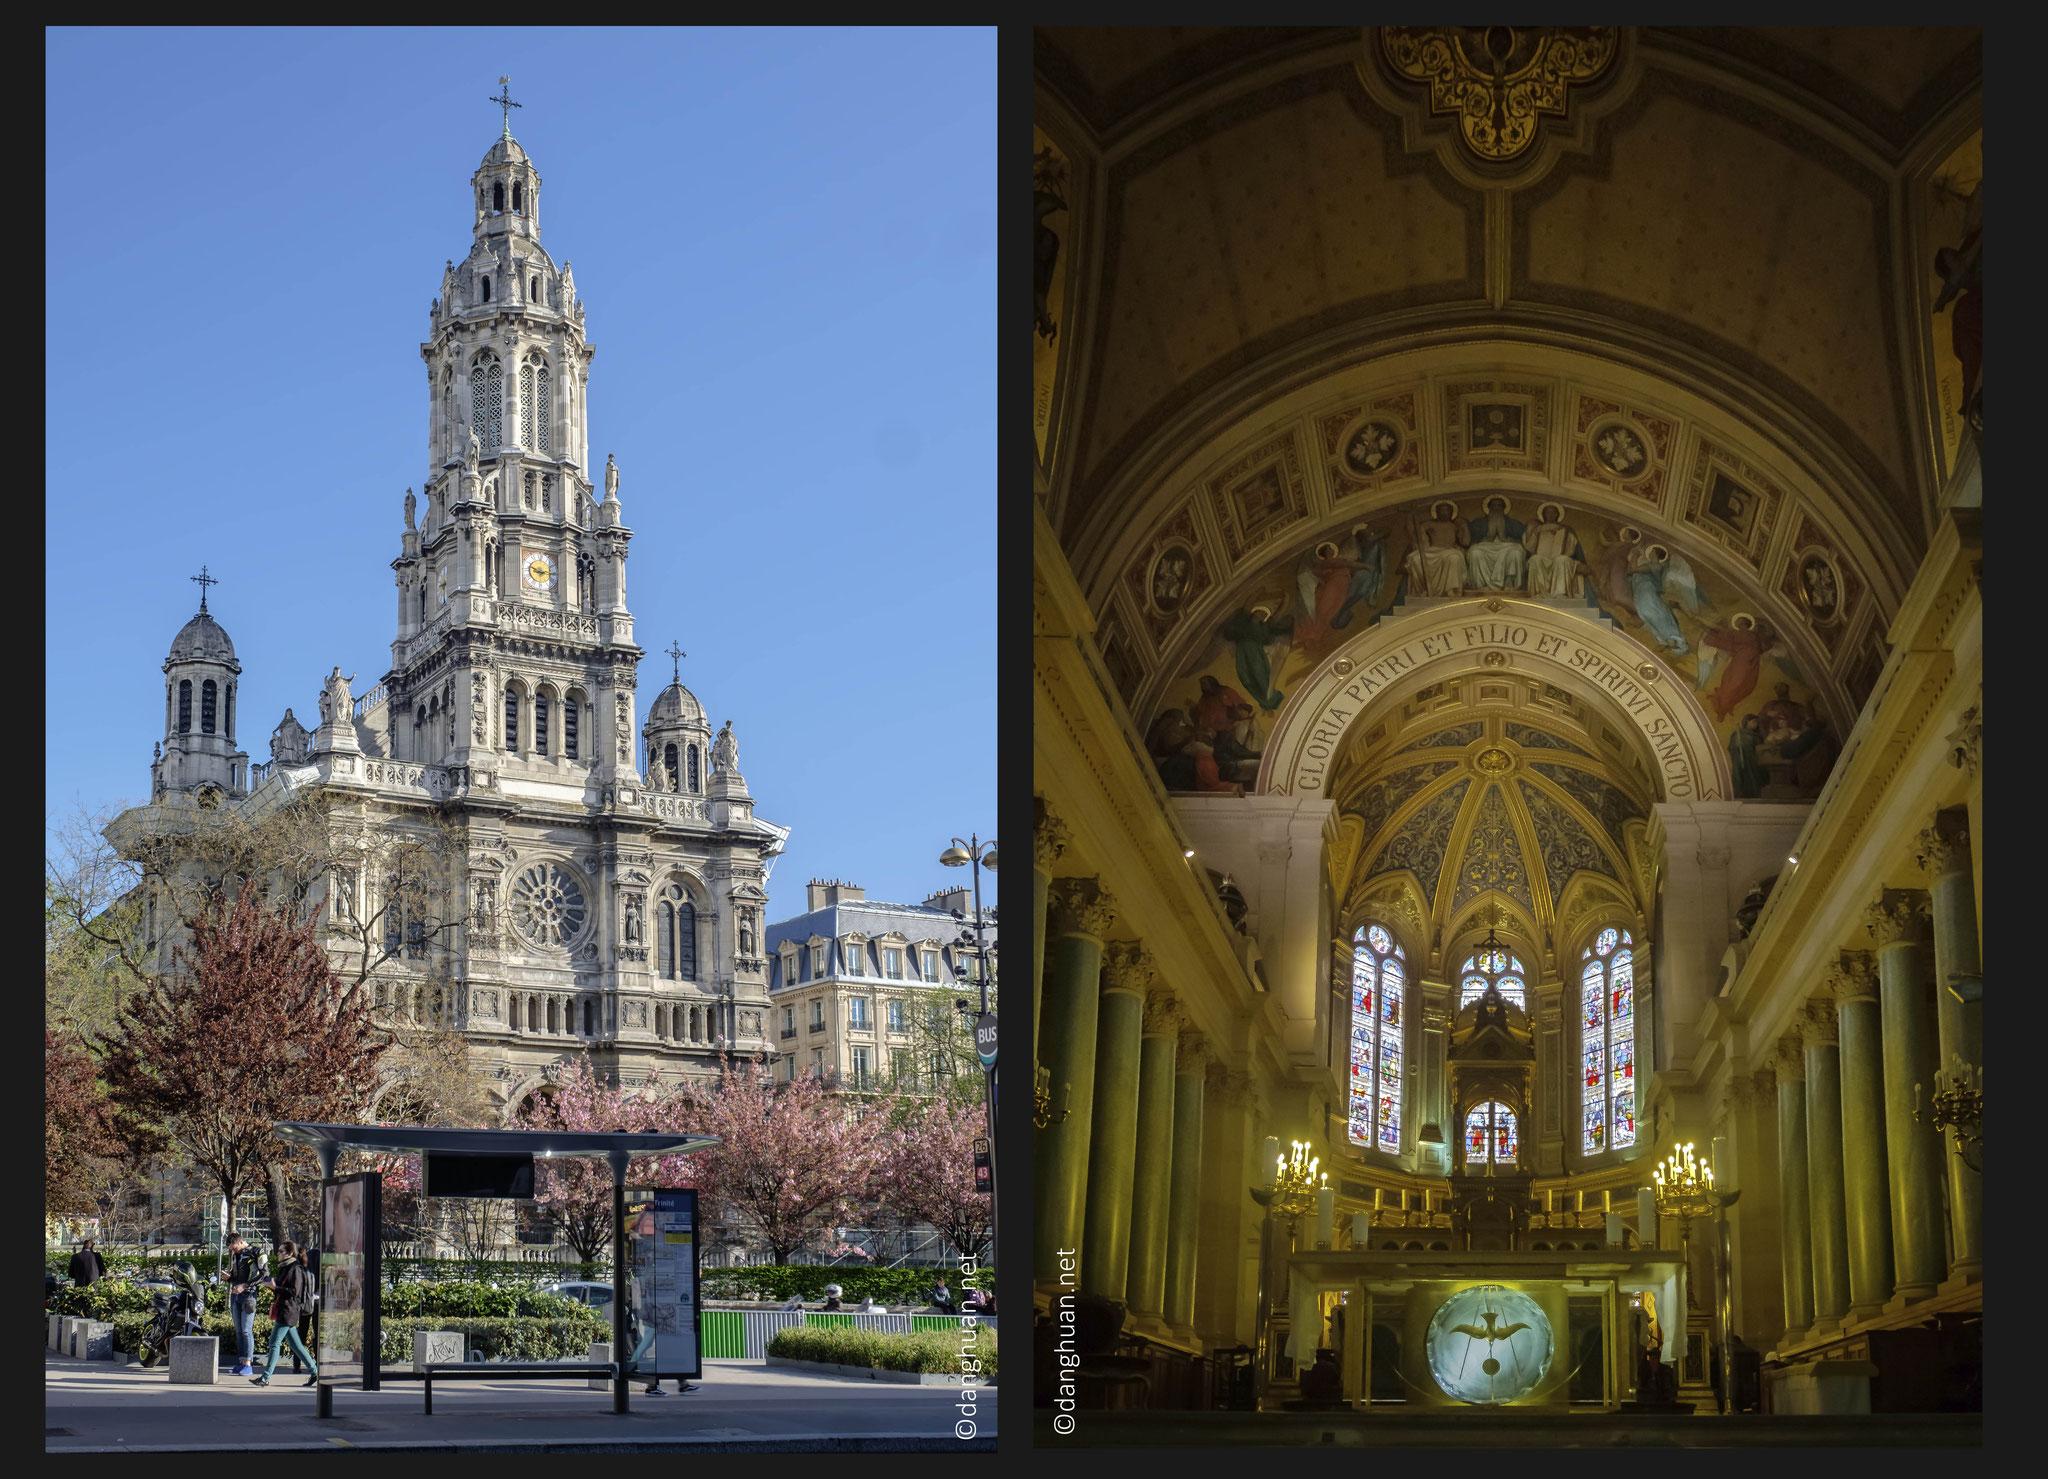 L'Eglise de la Trinité - située place d'Estienne-d'Orves, dans le 9e arrondissement de Paris (1861 - 1867) . Architecte: Théodore Ballu